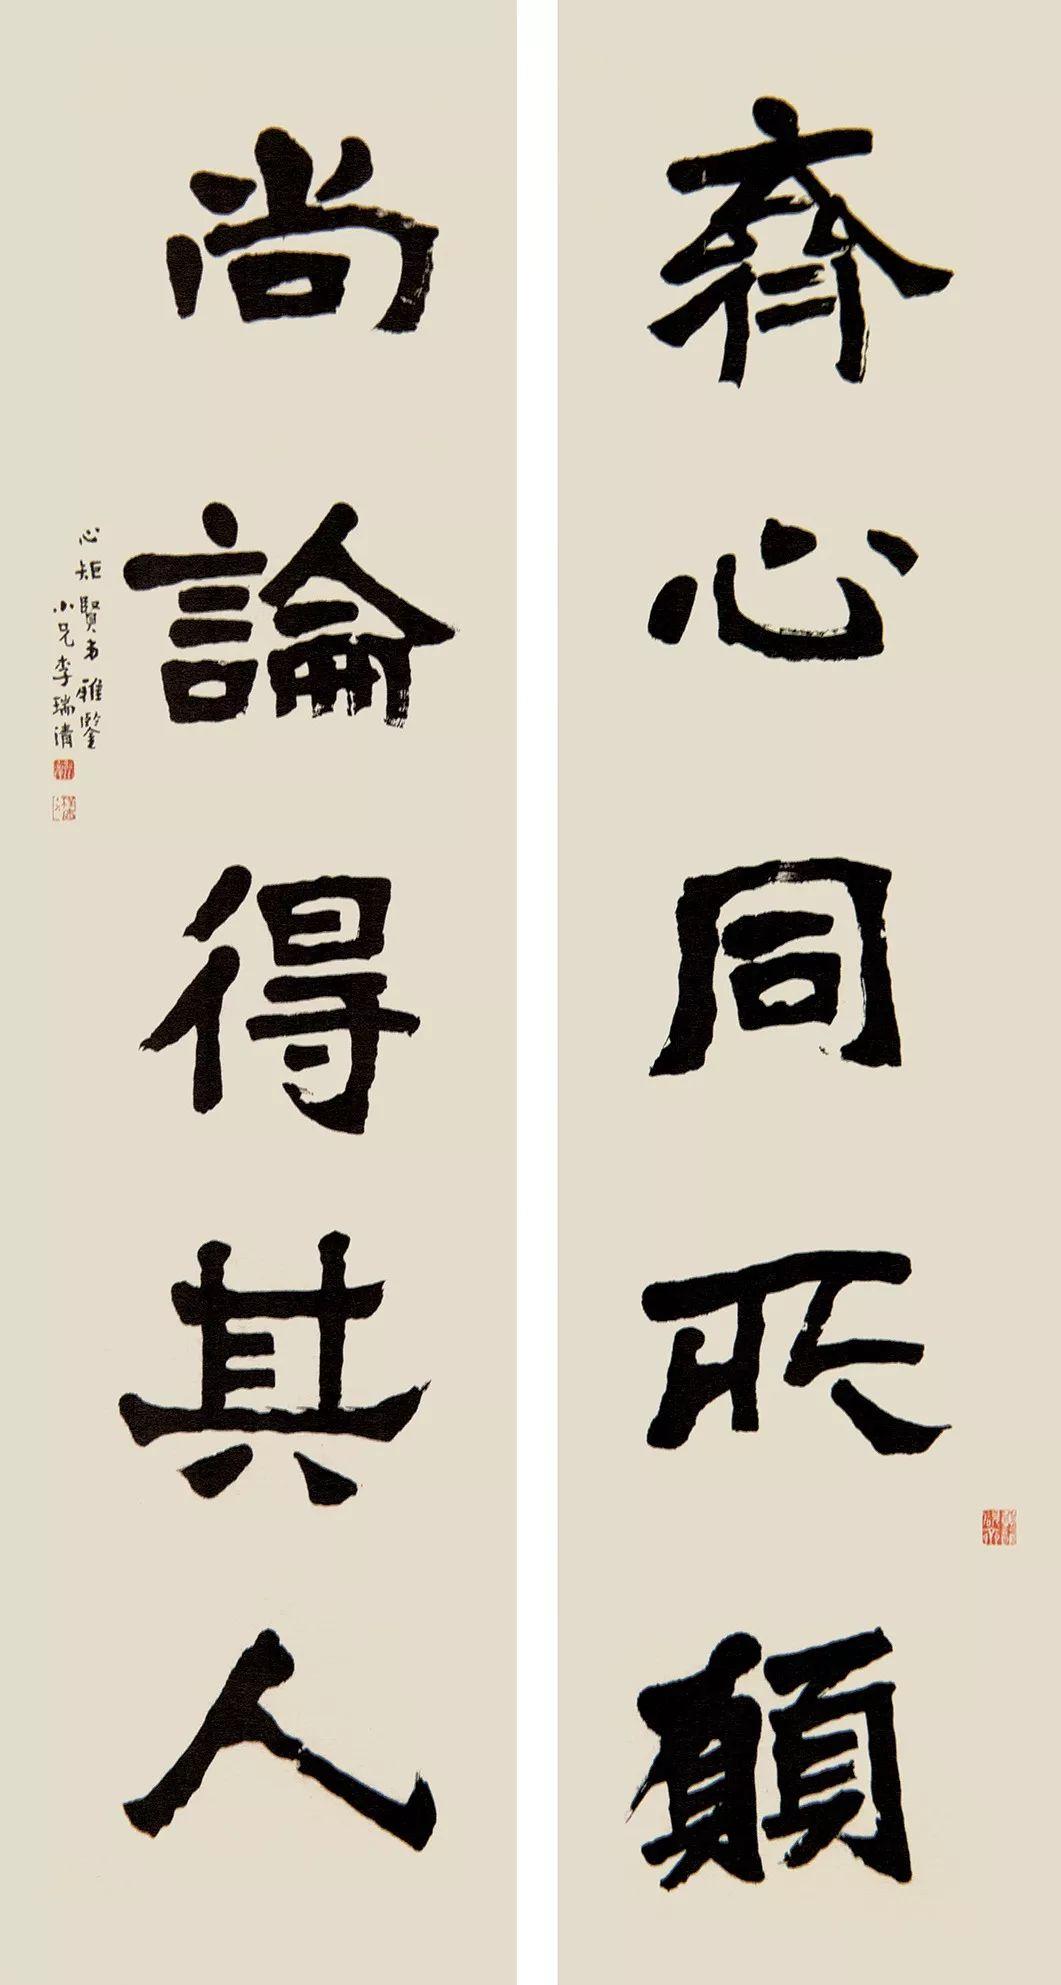 隶书笔画写法图解_魏碑的基本笔画写法_魏碑的基本笔画写法画法